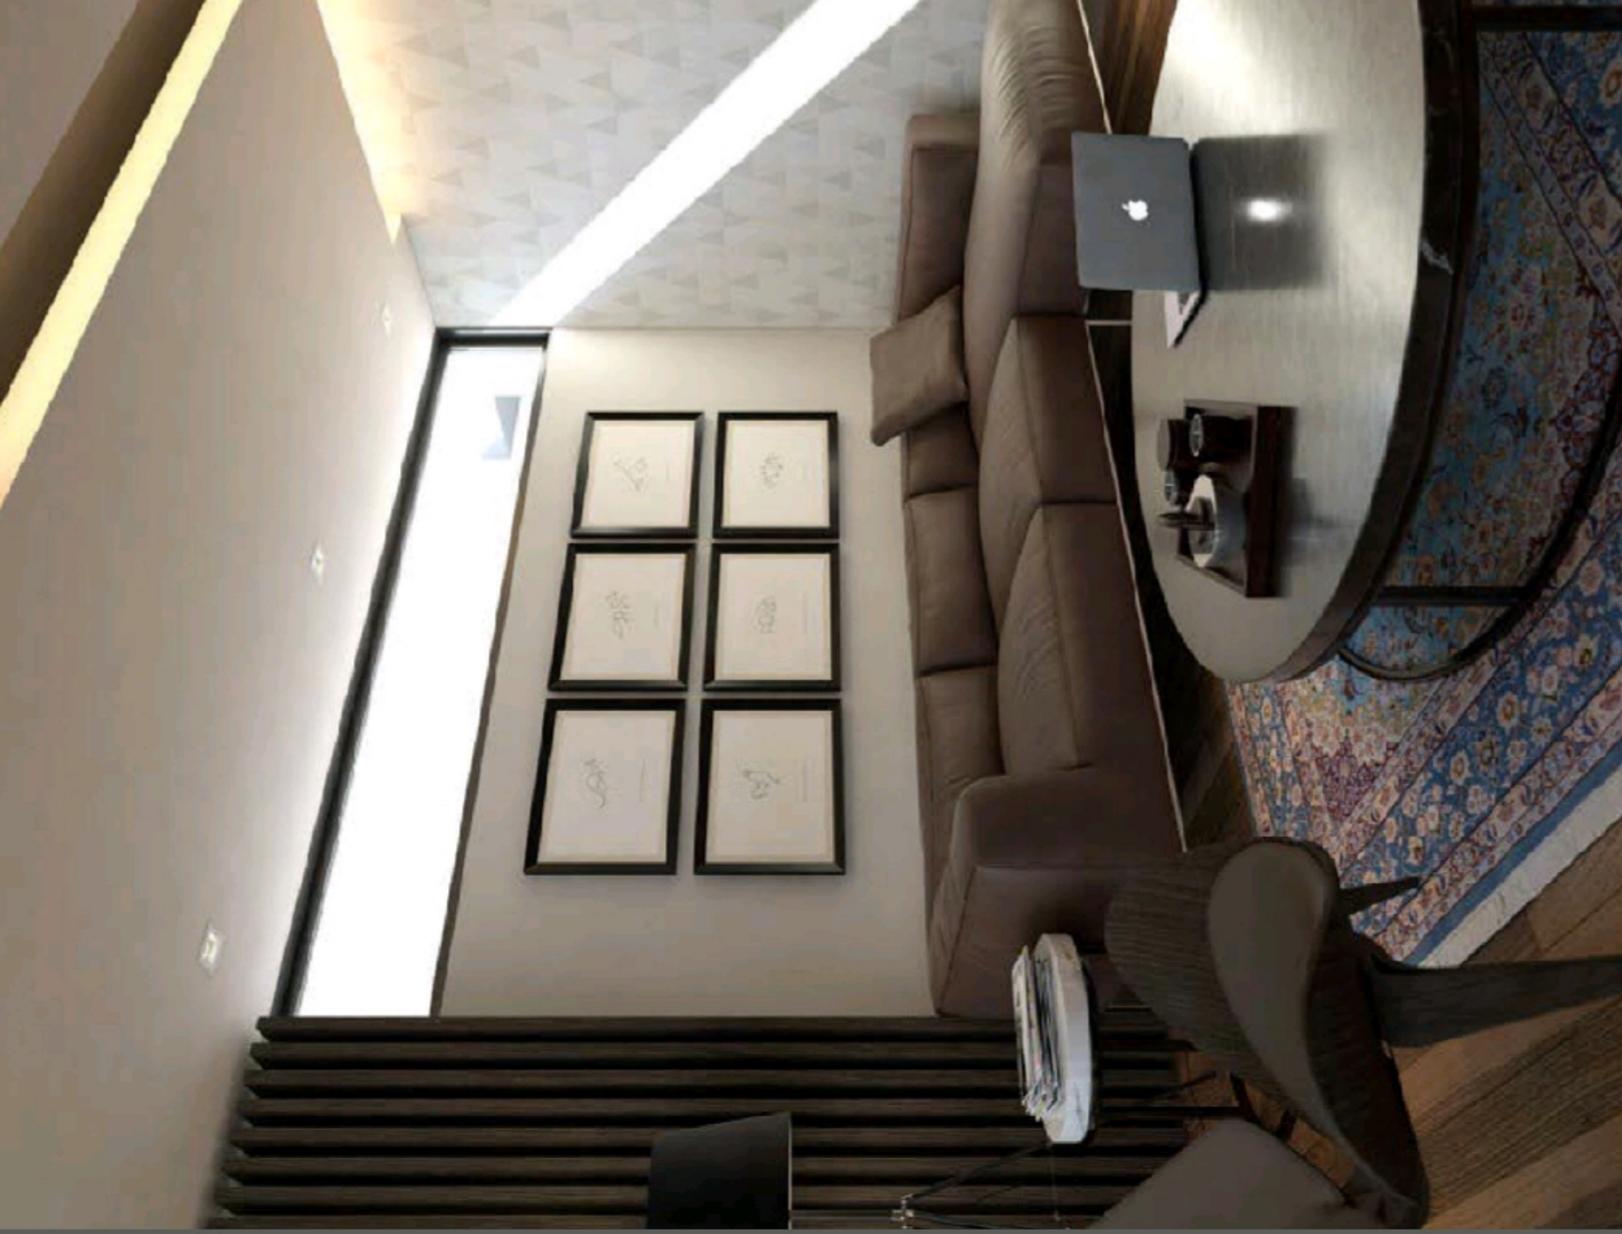 3 bed Apartment For Sale in Ta' Xbiex, Ta' Xbiex - thumb 5